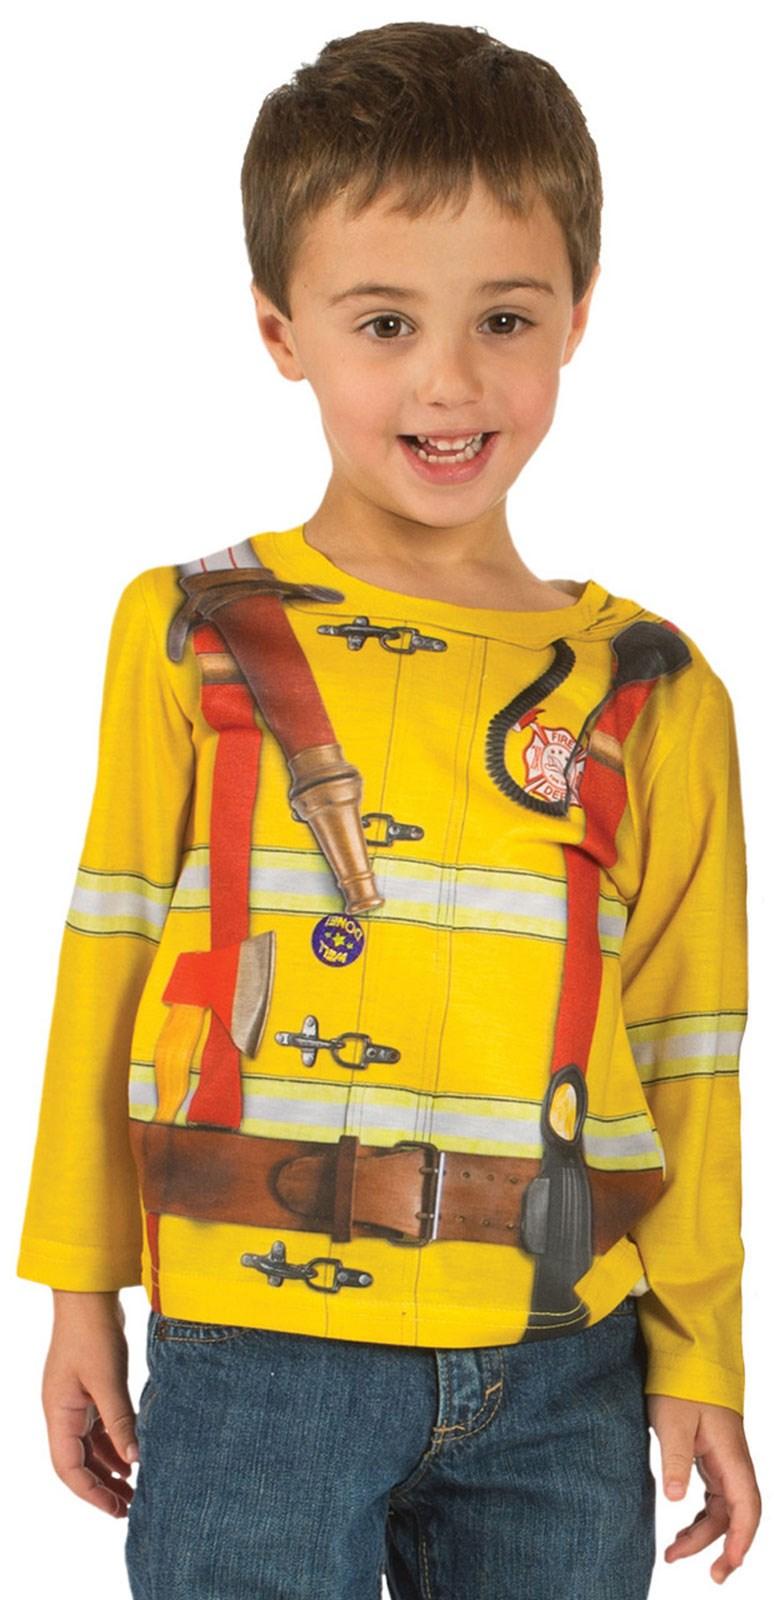 Toddler Fireman T-Shirt